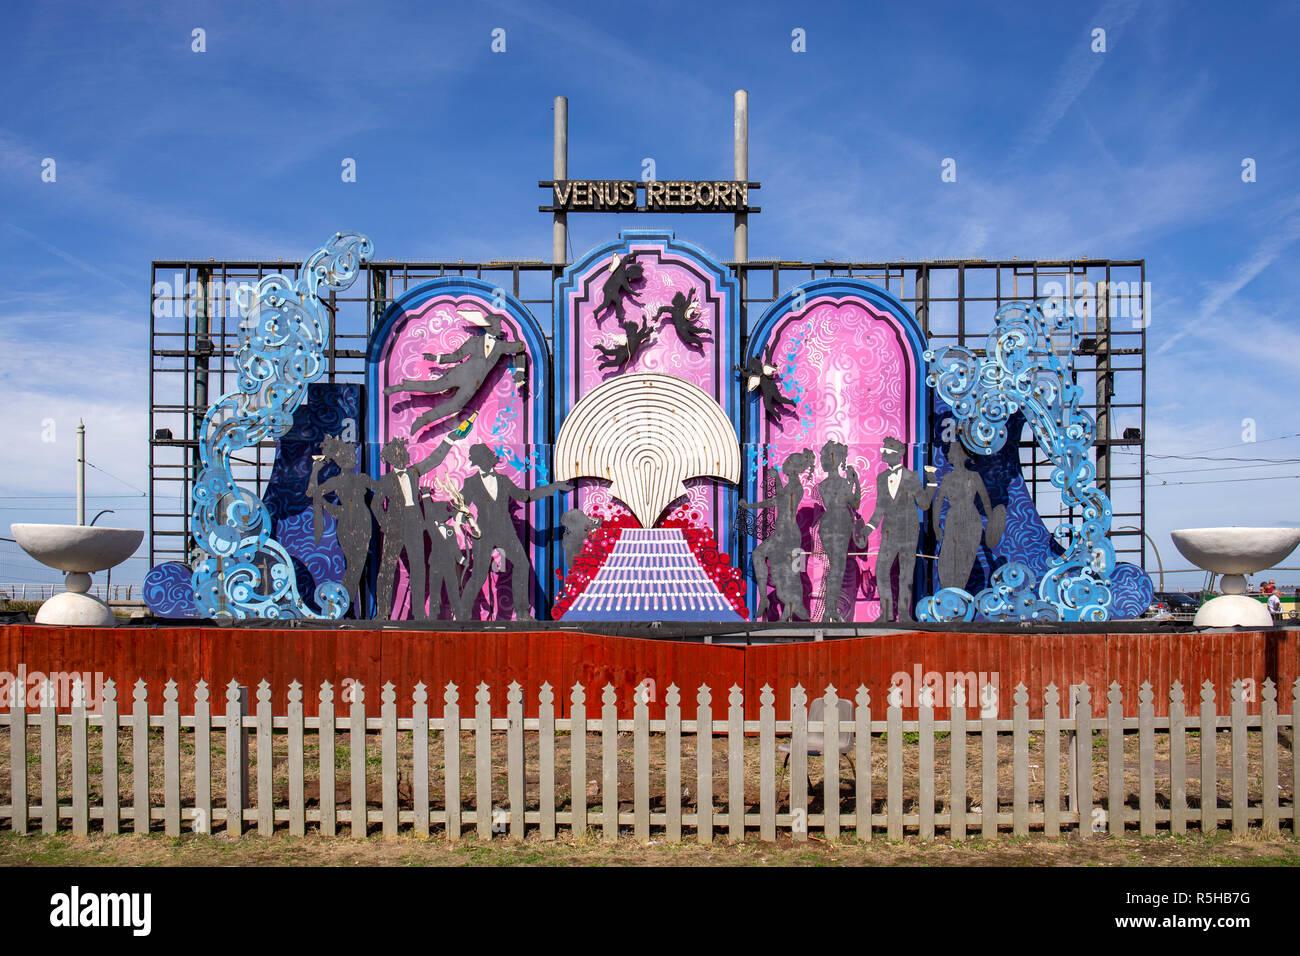 Venus reborn animierte Tableau entworfen von Laurance Blacpool Llewelyn-Bowen für die Beleuchtung auf der Promenade, Blackpool Lancashire, Großbritannien Stockbild